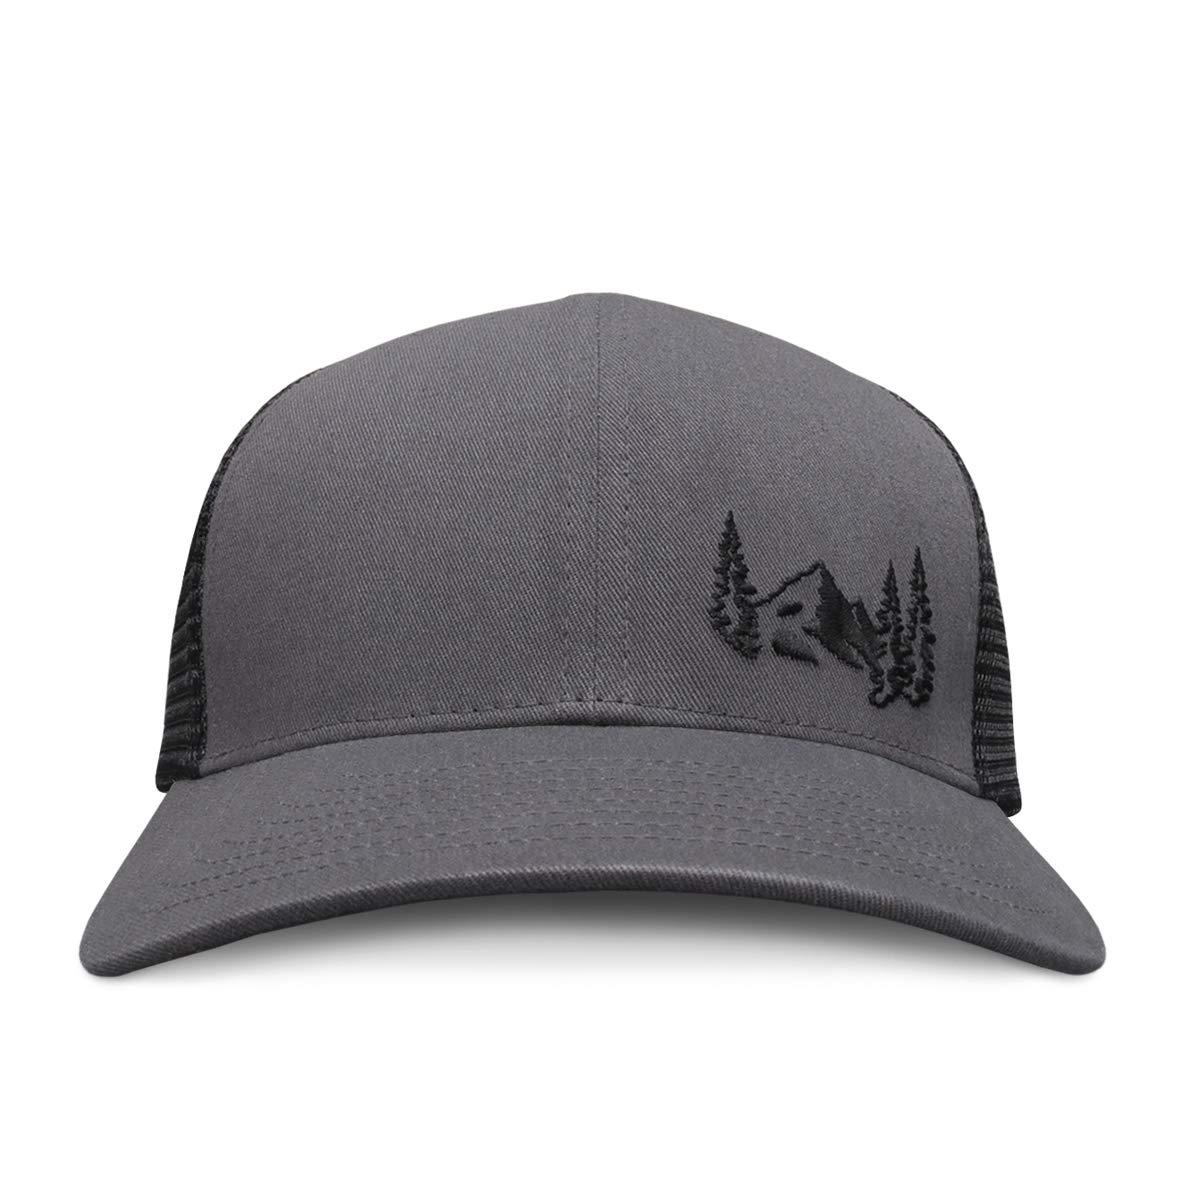 Grace Folly Trucker Hat for Men or Women Many Cool Designs